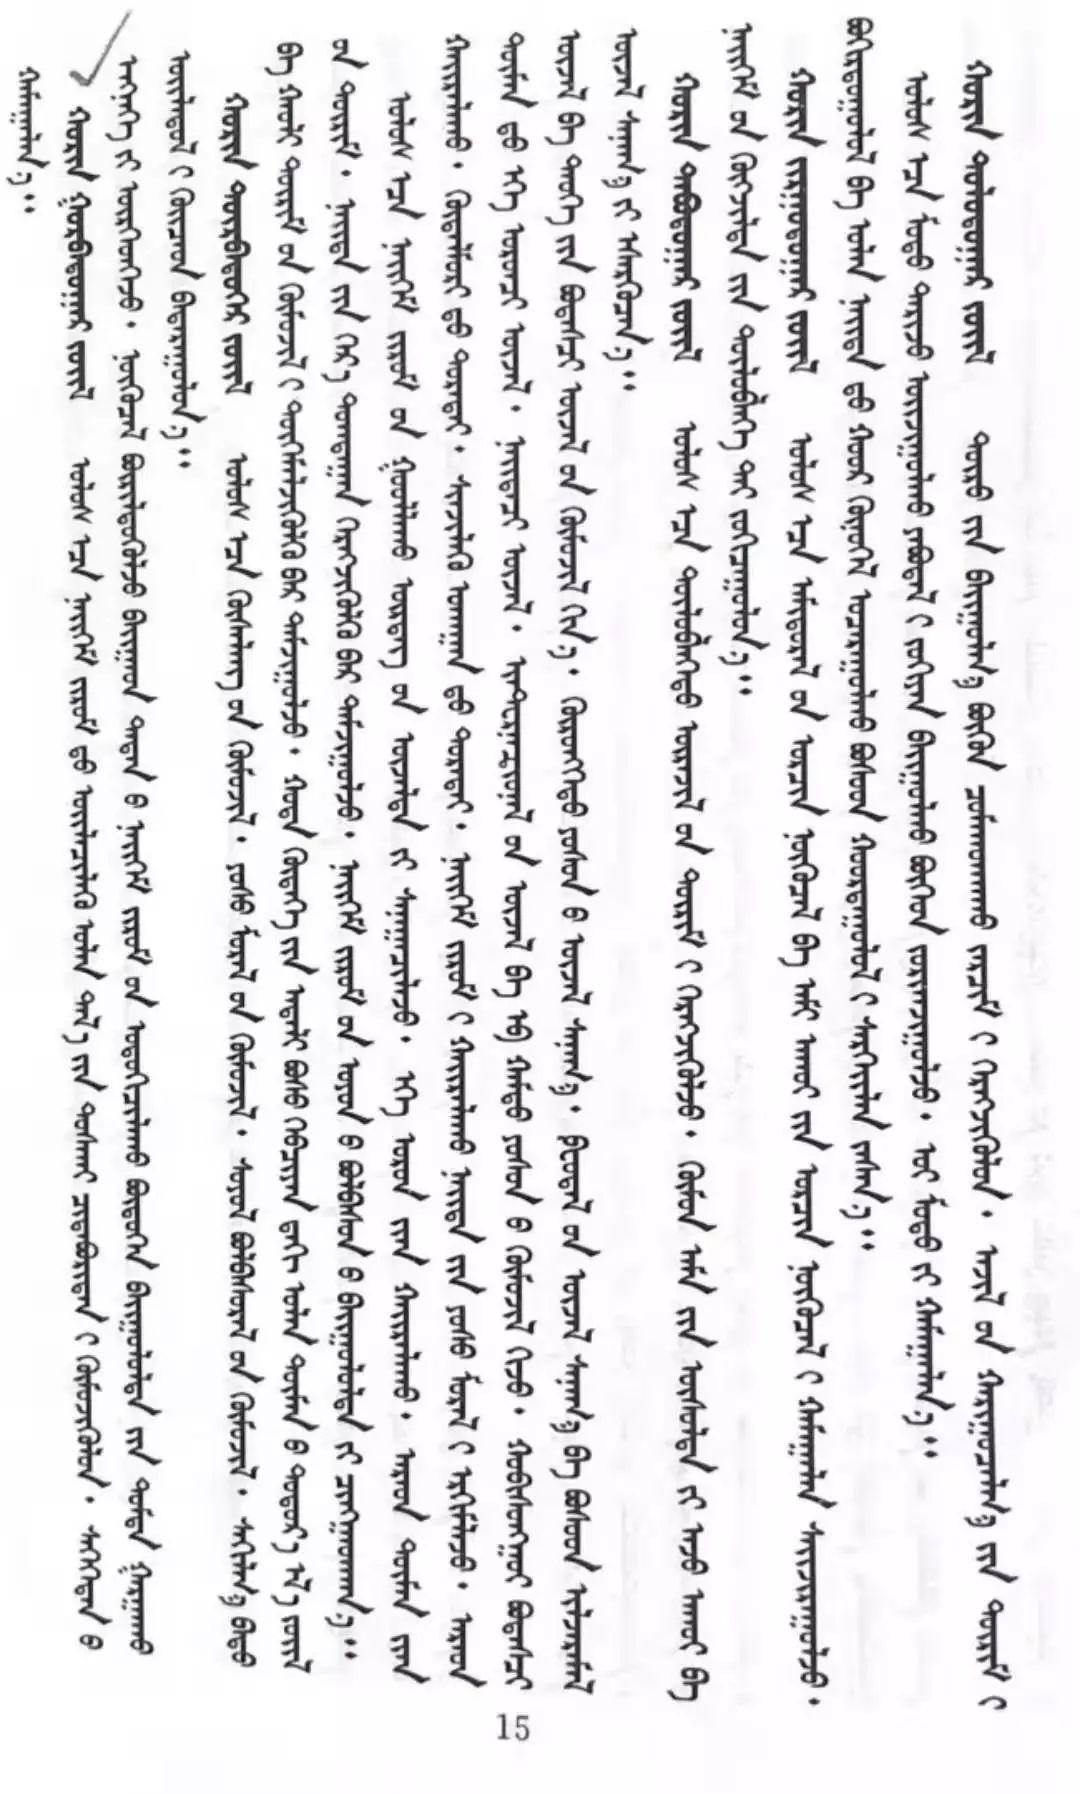 【民族政策宣传月】中华人民共和国宪法(一) 第4张 【民族政策宣传月】中华人民共和国宪法(一) 蒙古文库